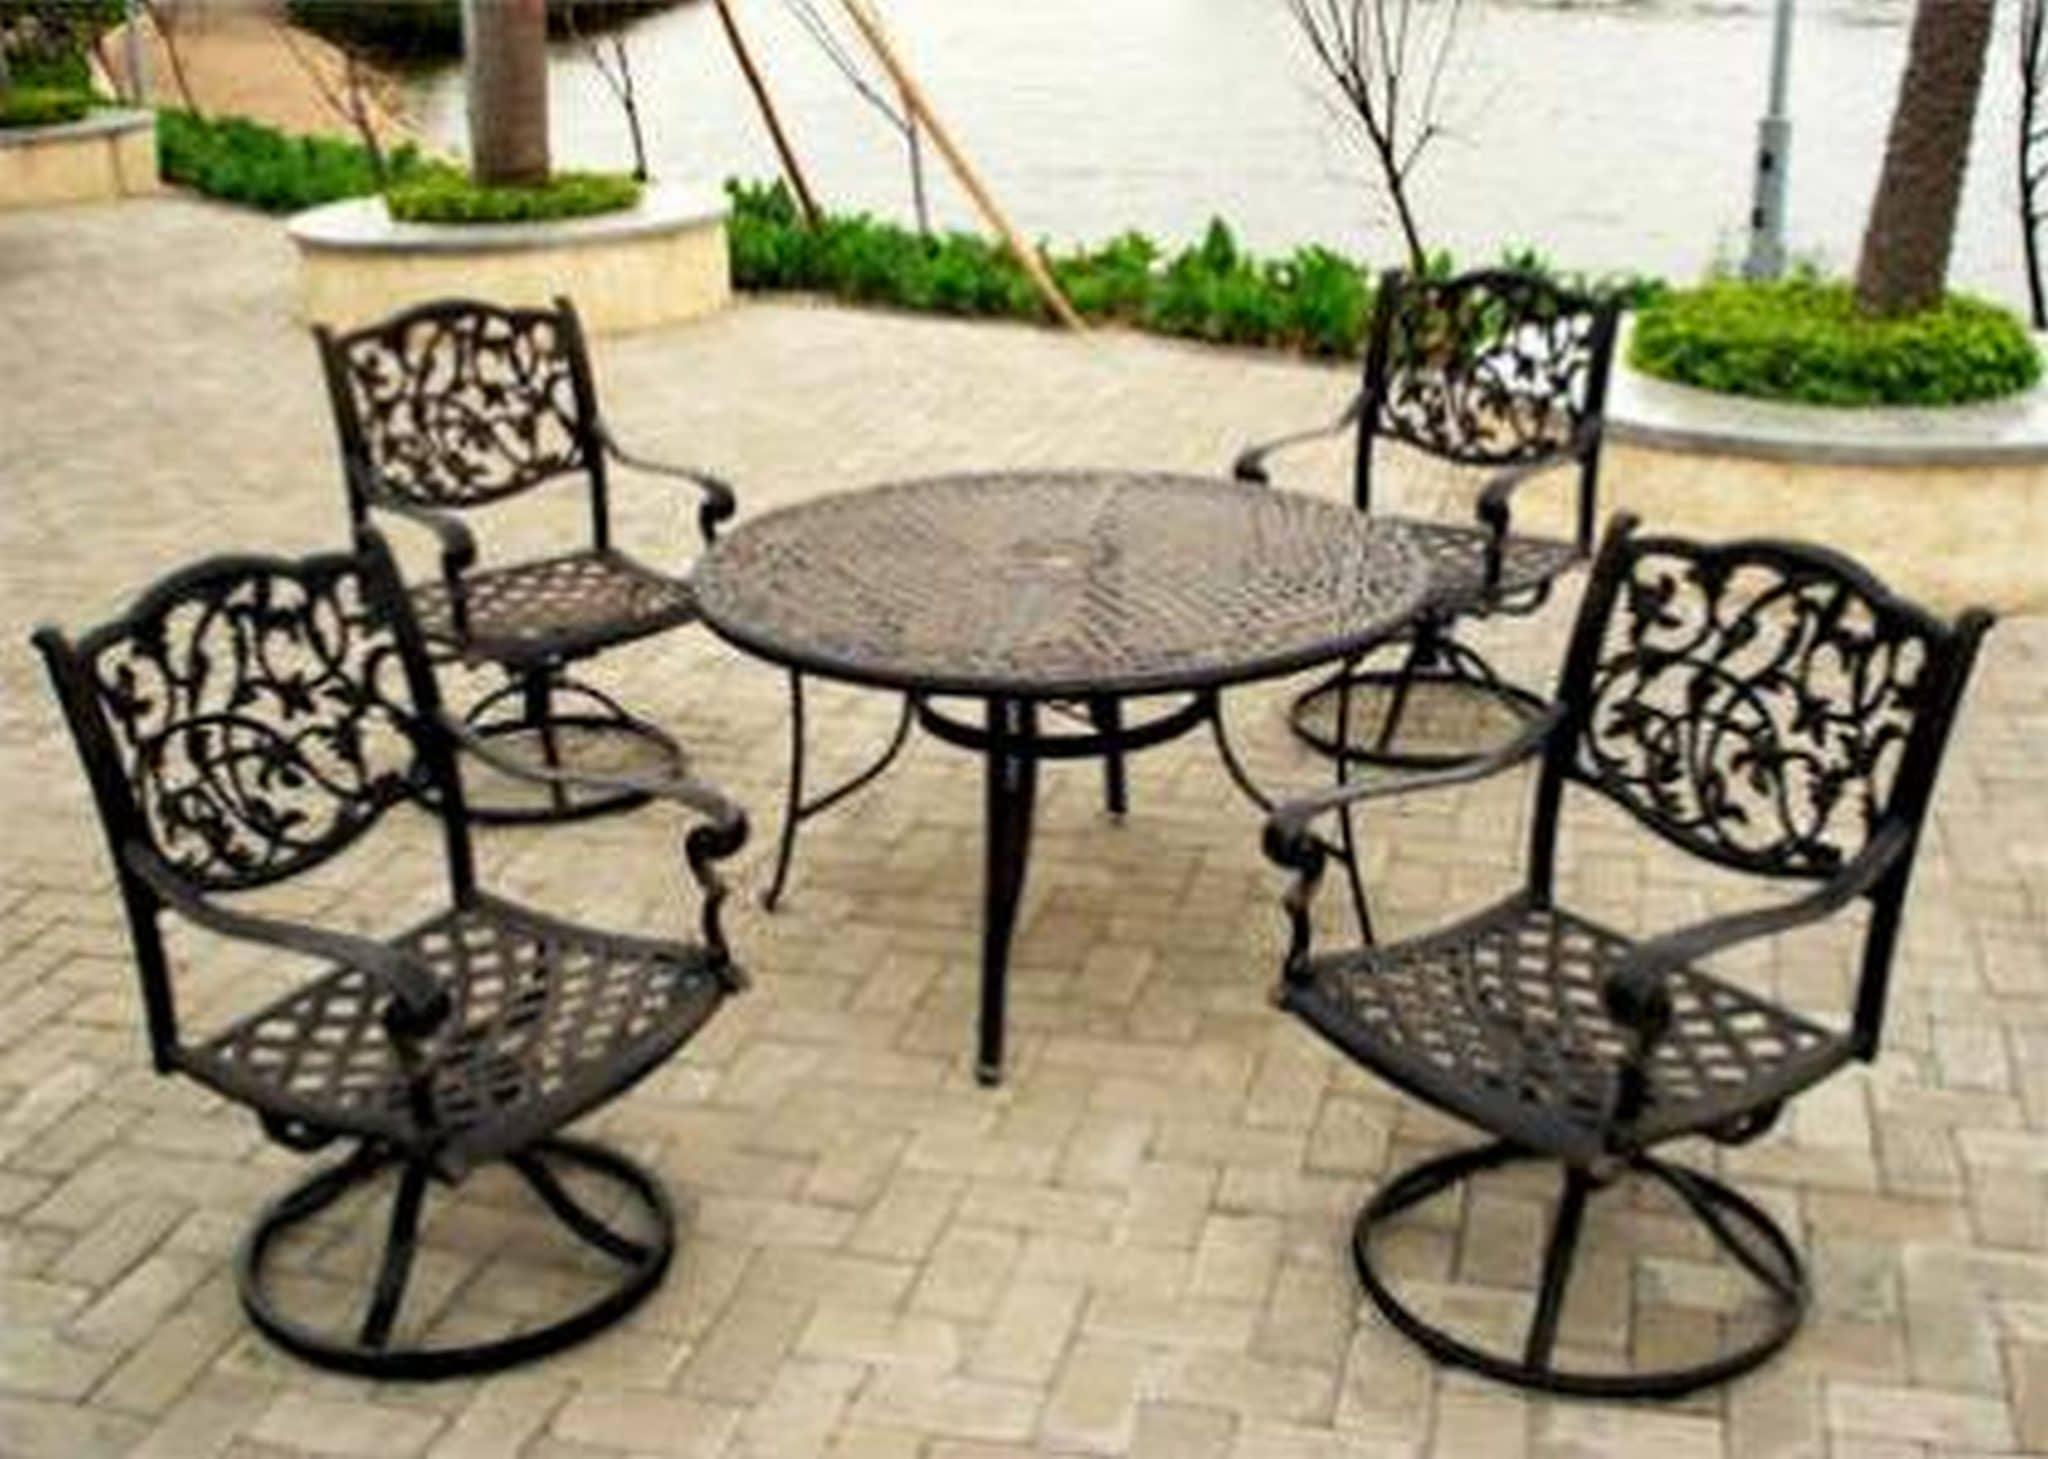 Vintage Iron Patio Furniture Part - 33: Vintage Iron Outdoor Furniture - Vintage Wrought Iron Patio Table Set Metal  Garden Chairs Glass White